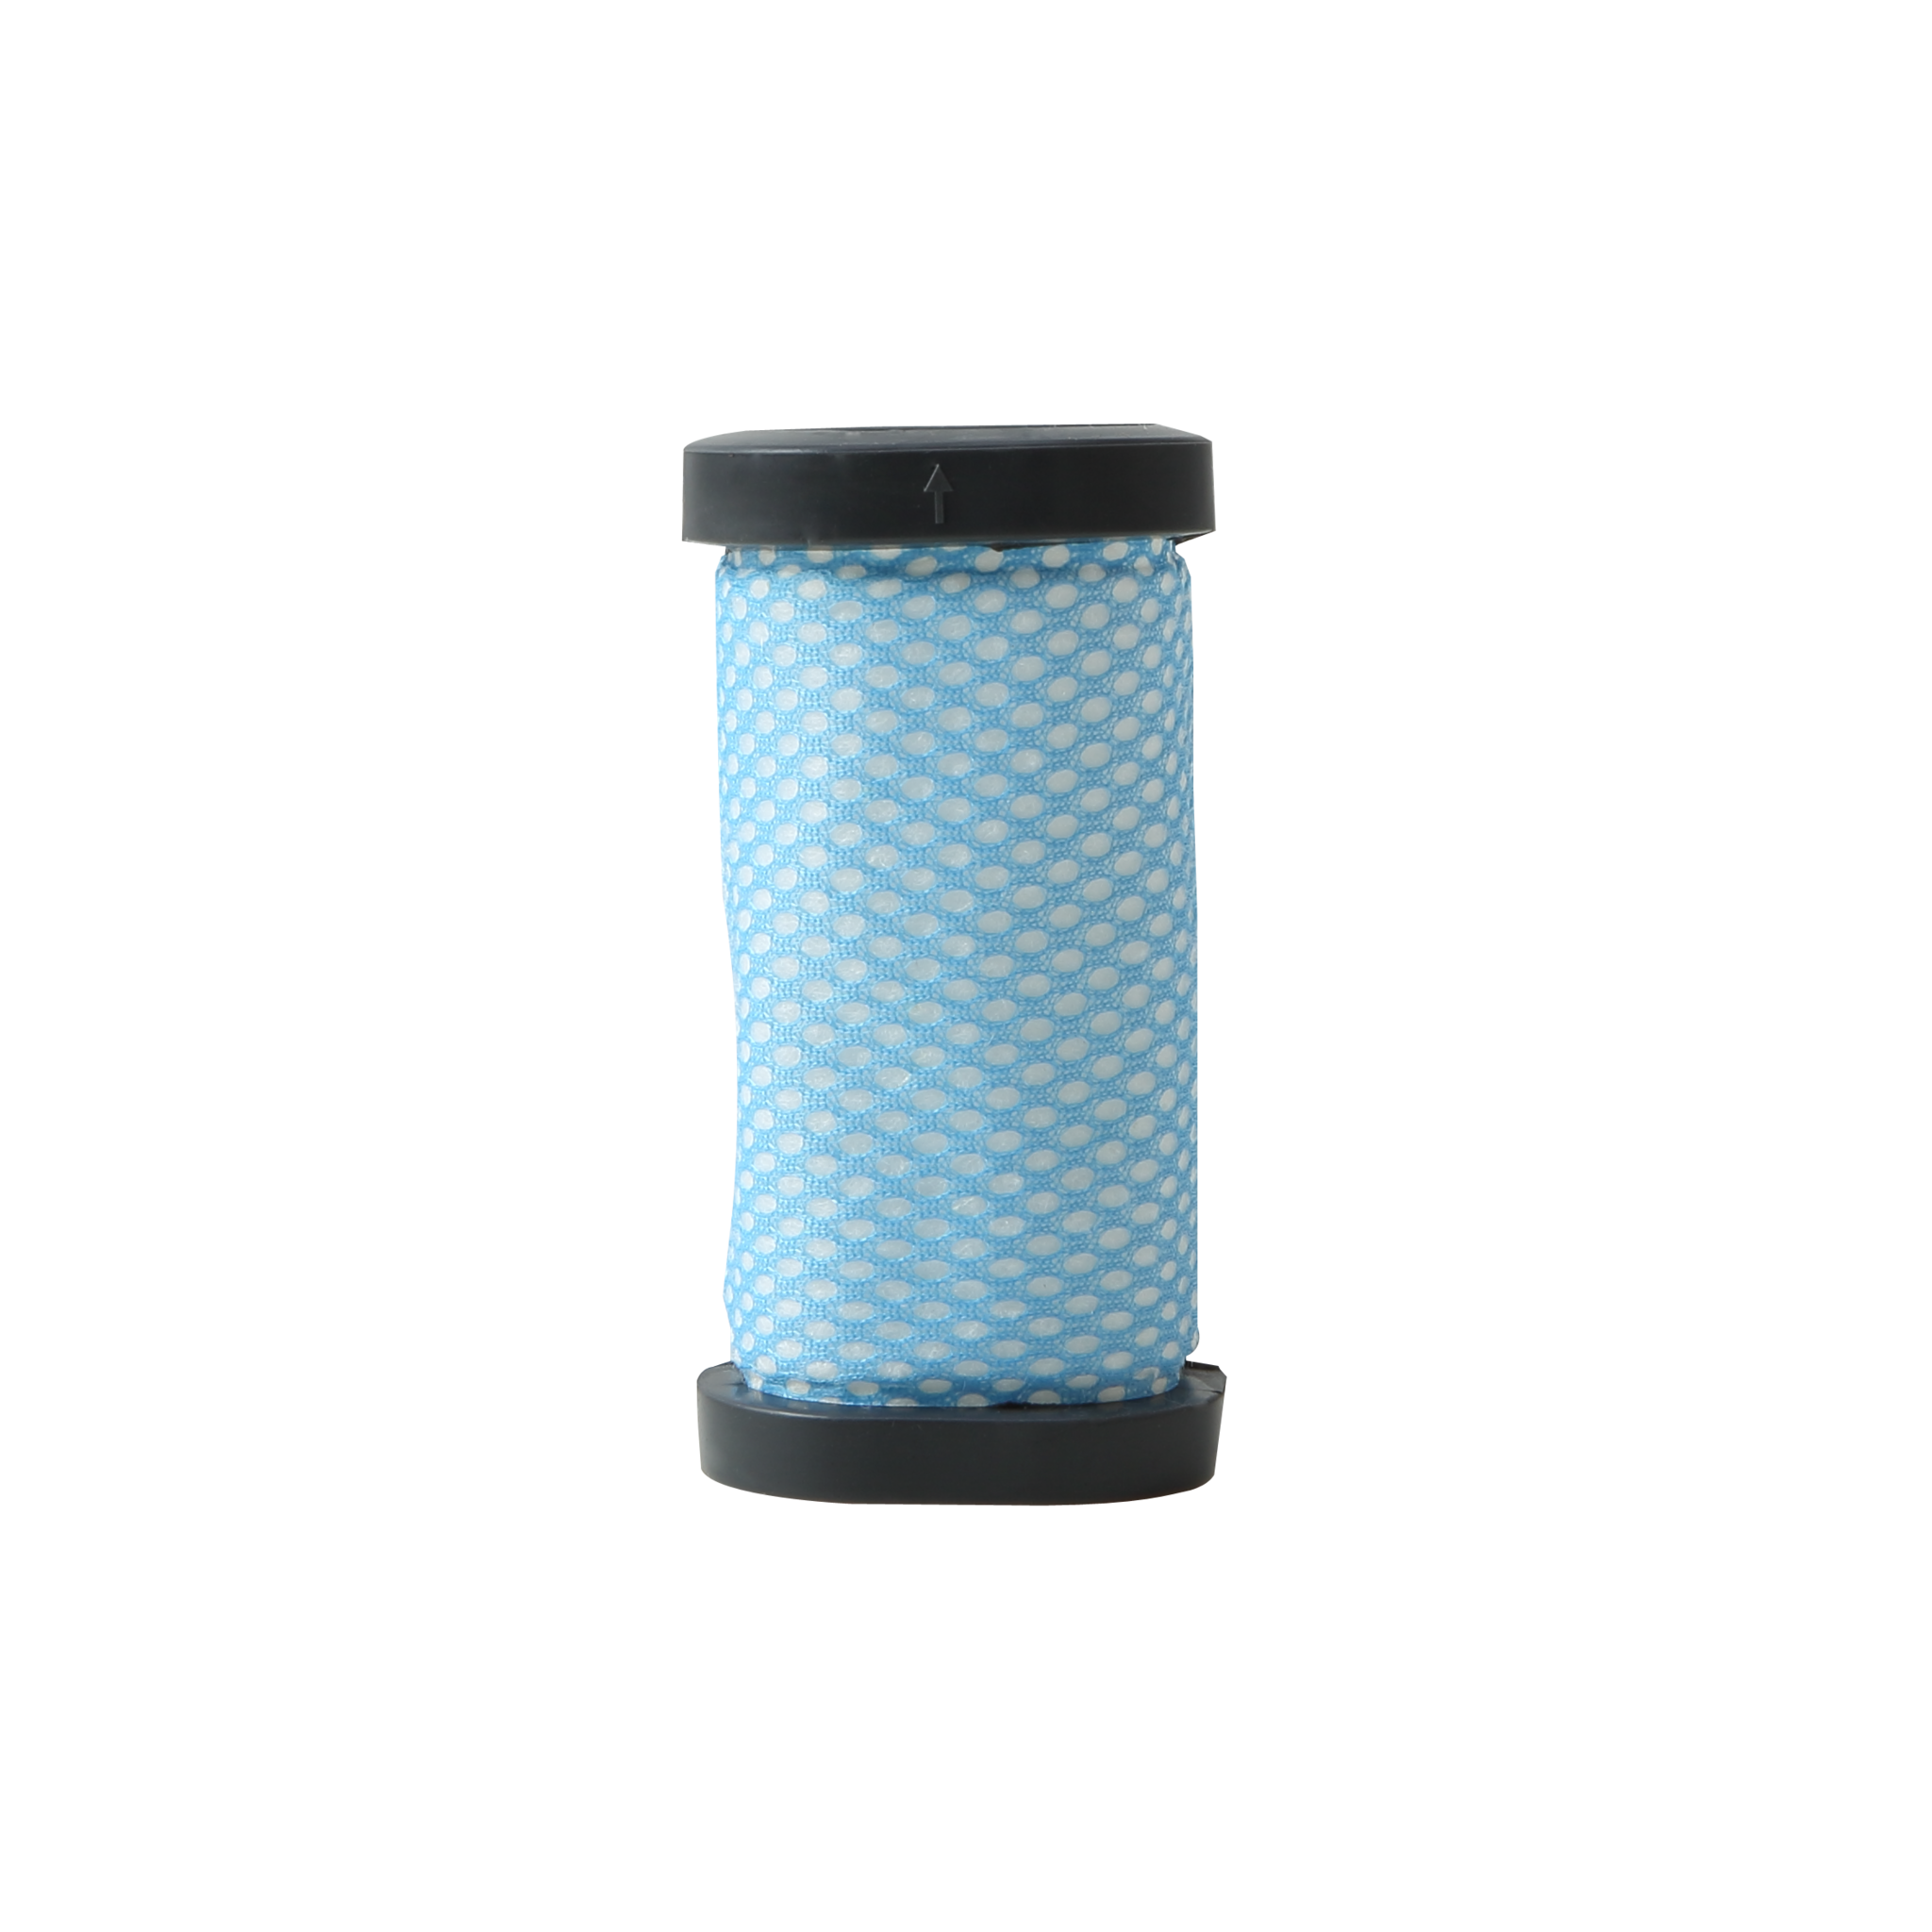 Фильтр для пылесоса Rhapsody (выходной)